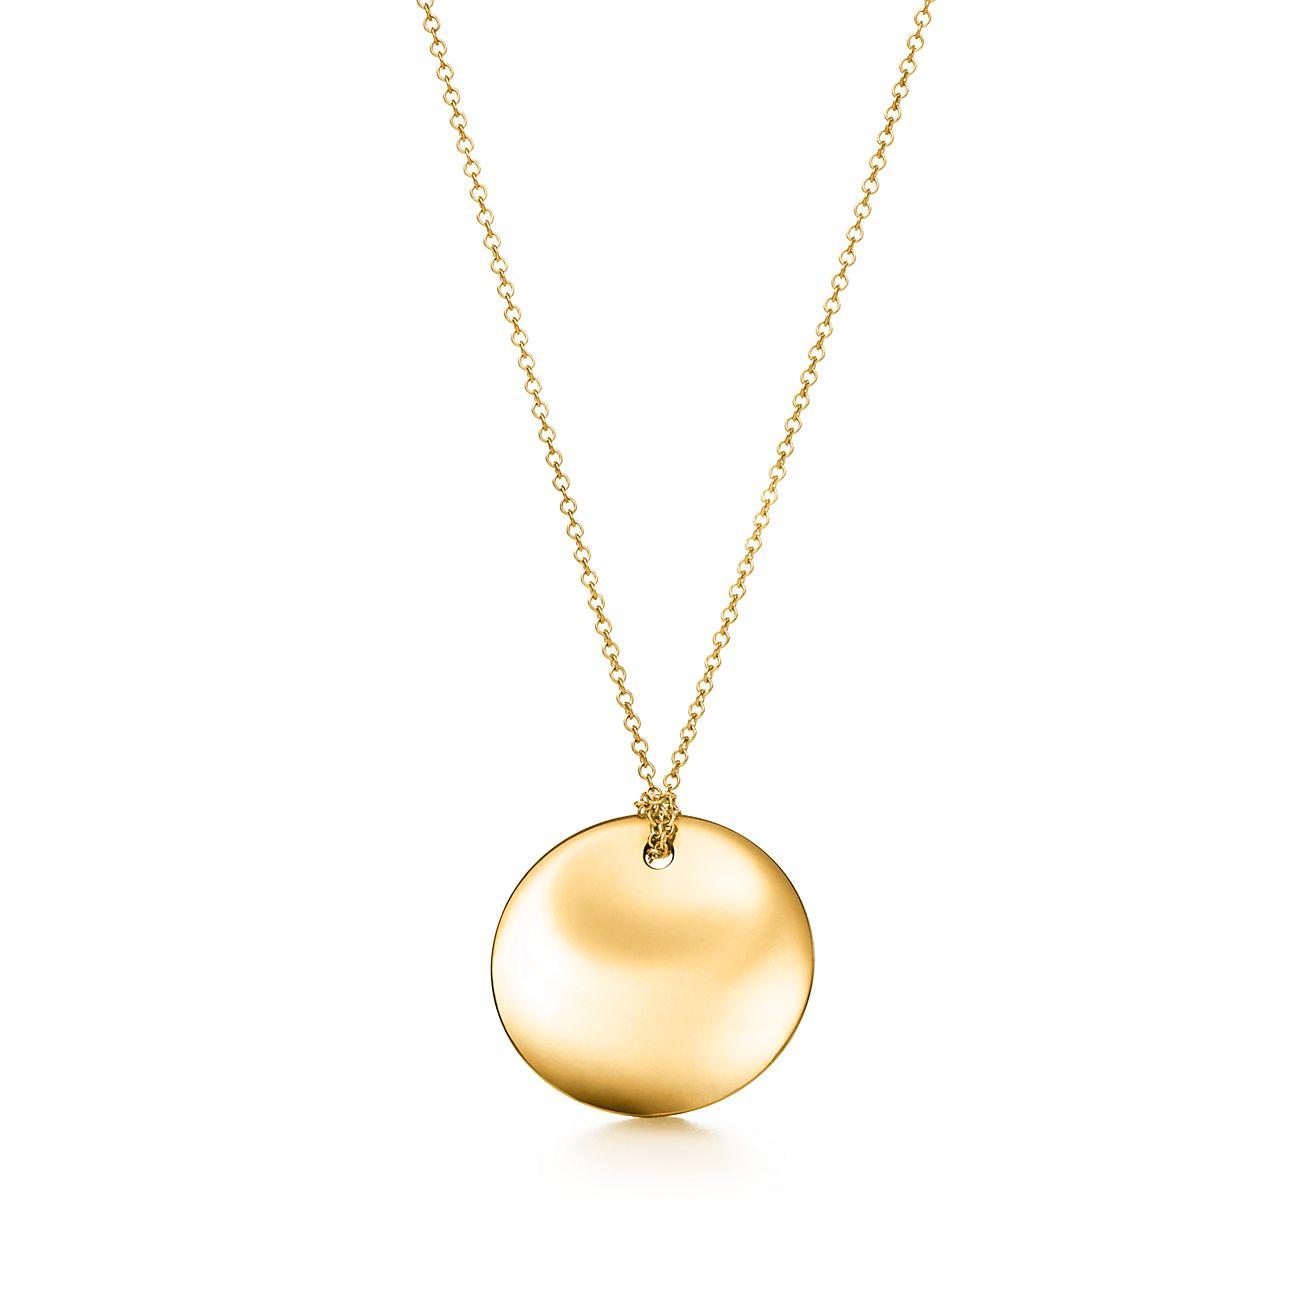 Elsa Peretti® Round pendant in 18k gold.  7fcab9ec9c